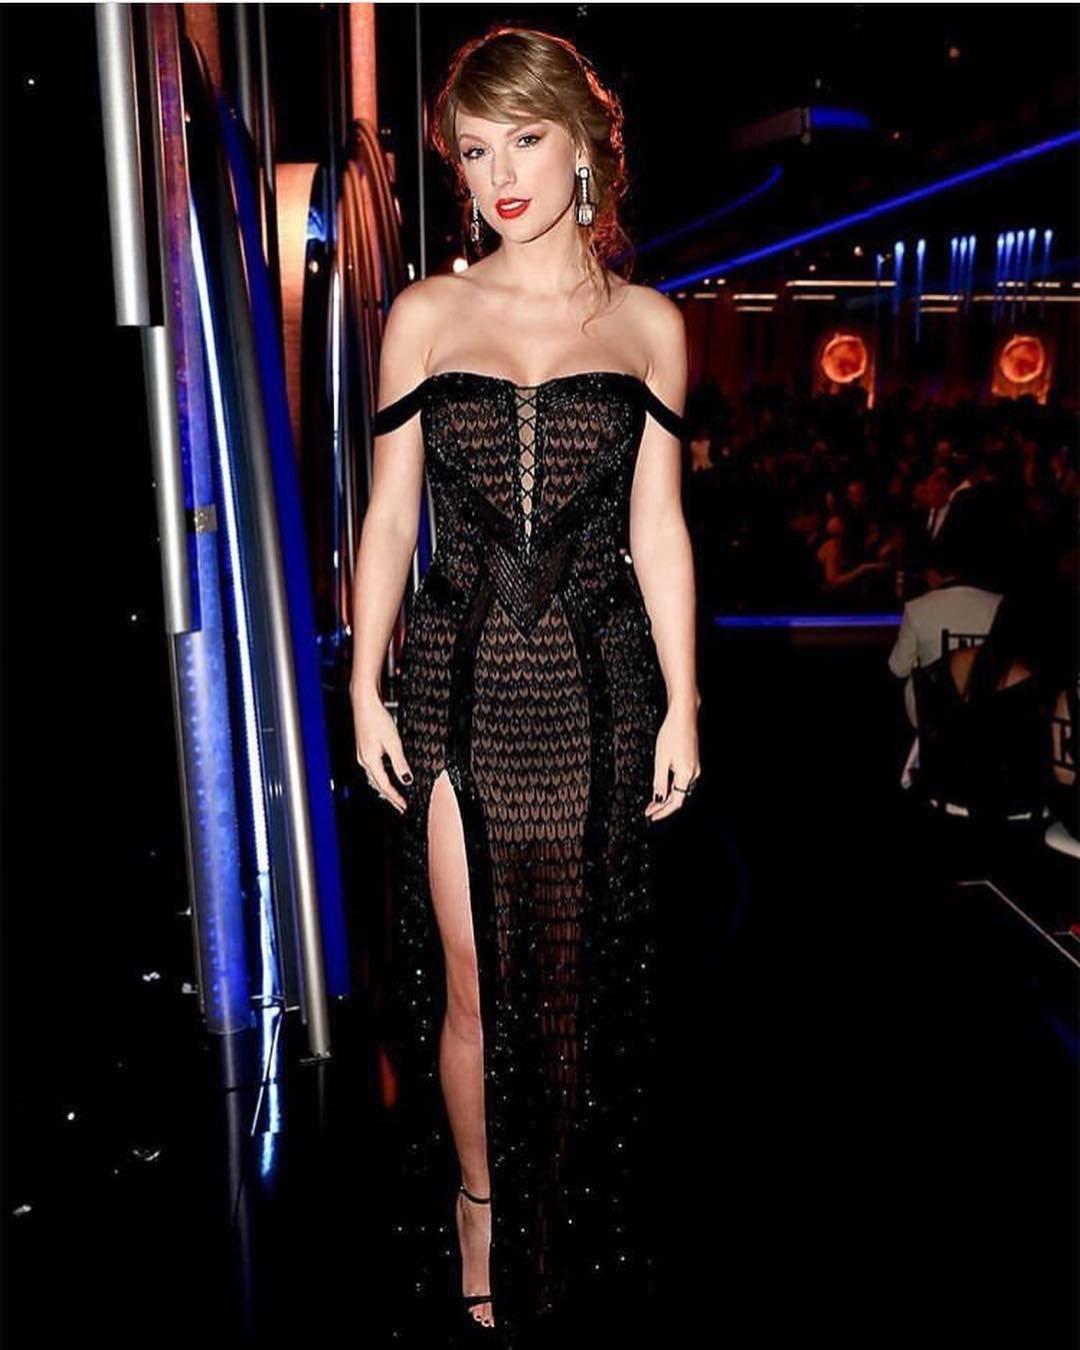 Taylor Swift xuất hiện tại Quả cầu vàng 2019 khoe body nóng bỏng, nhan sắc 'hớp hồn' khán giả  3